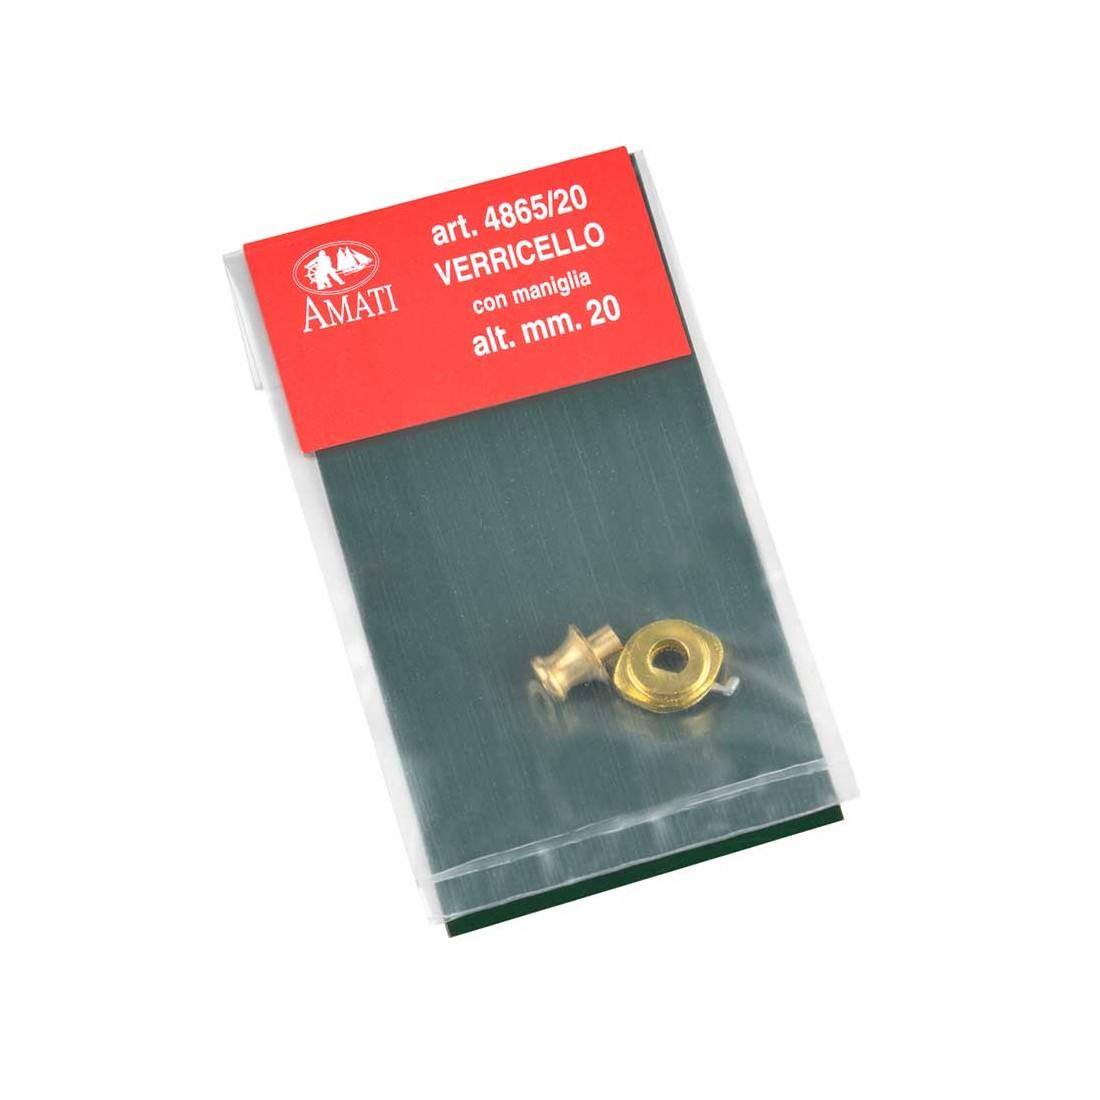 Tornos de metal modernos mm.20